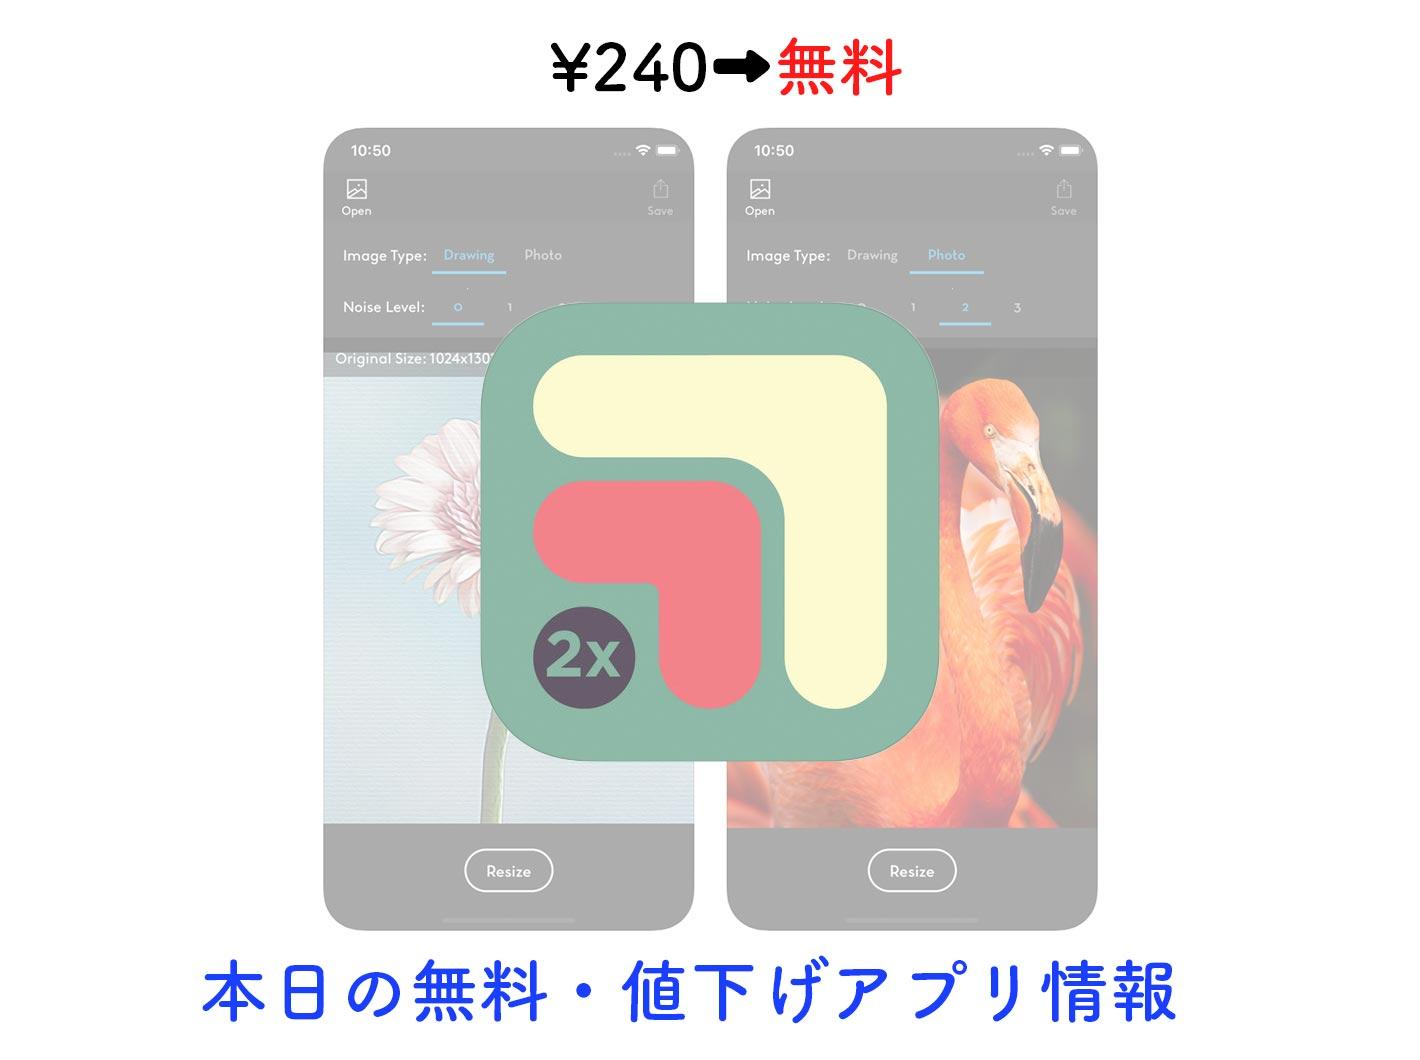 240円→無料、きれいな画質で写真を最大2倍にリサイズできる「Resize 2x」など【8/19】セールアプリ情報